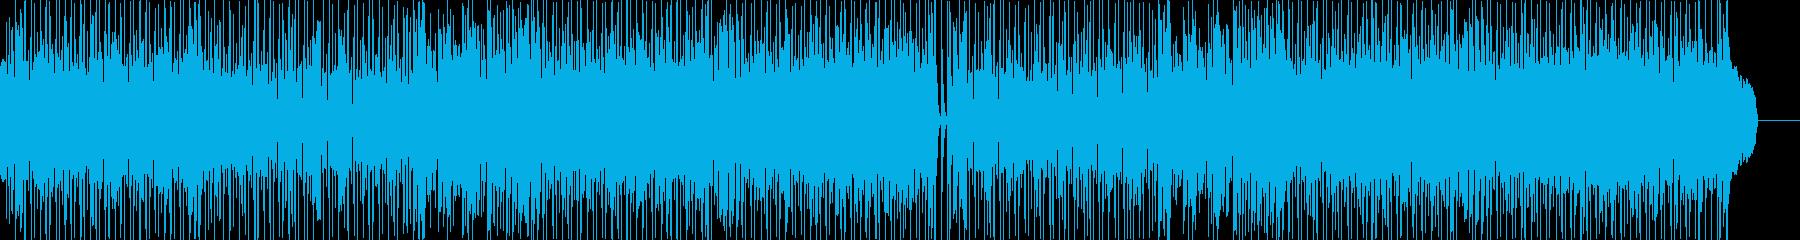 ストリングスの効いたポップスの再生済みの波形